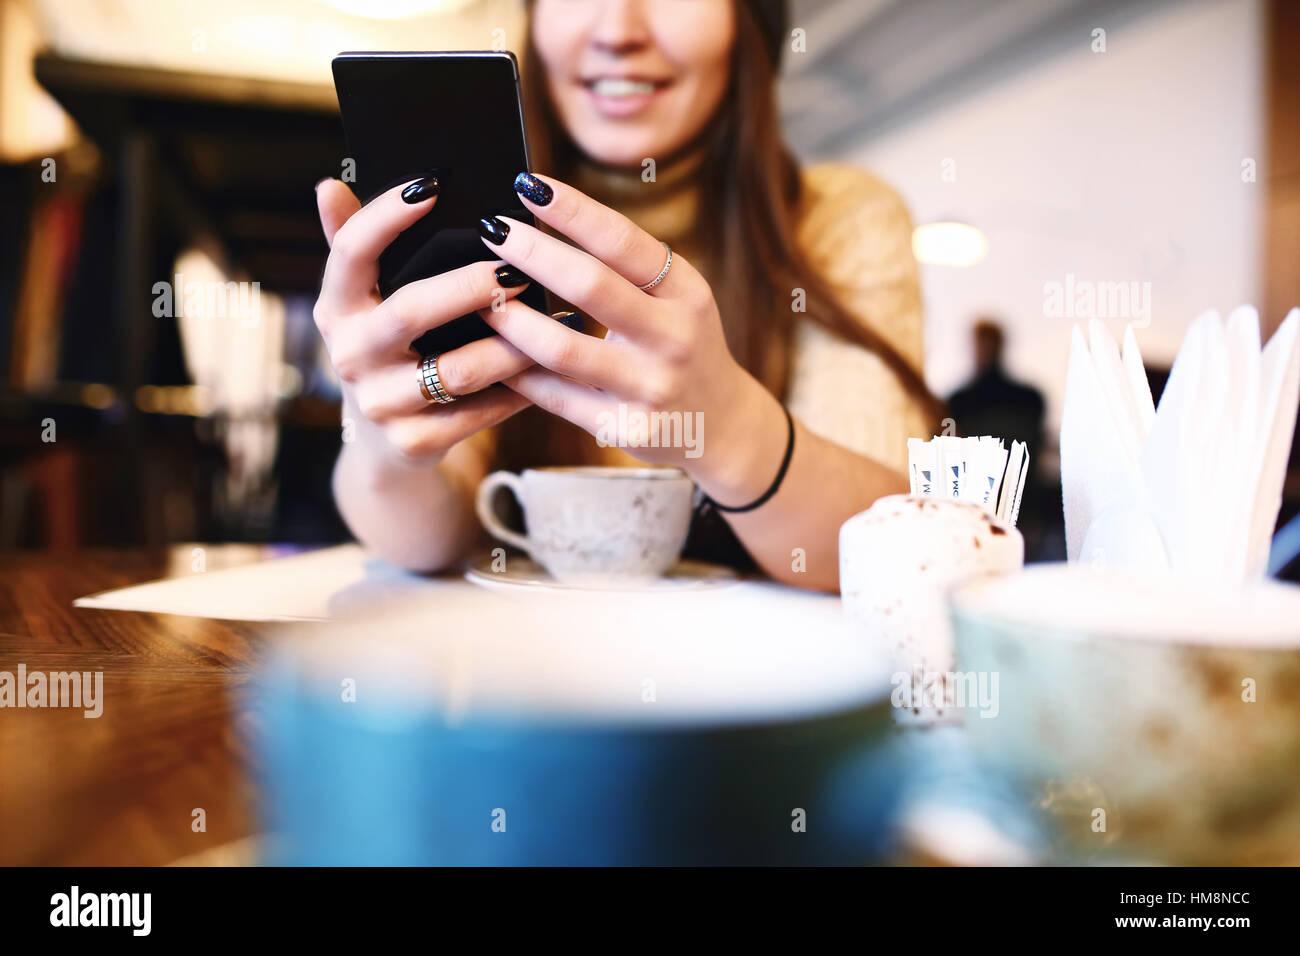 Frau Textmitteilung auf smart Phone in einem Café zu schreiben. Bild junge Frau sitzt an einem Tisch mit einem Stockbild